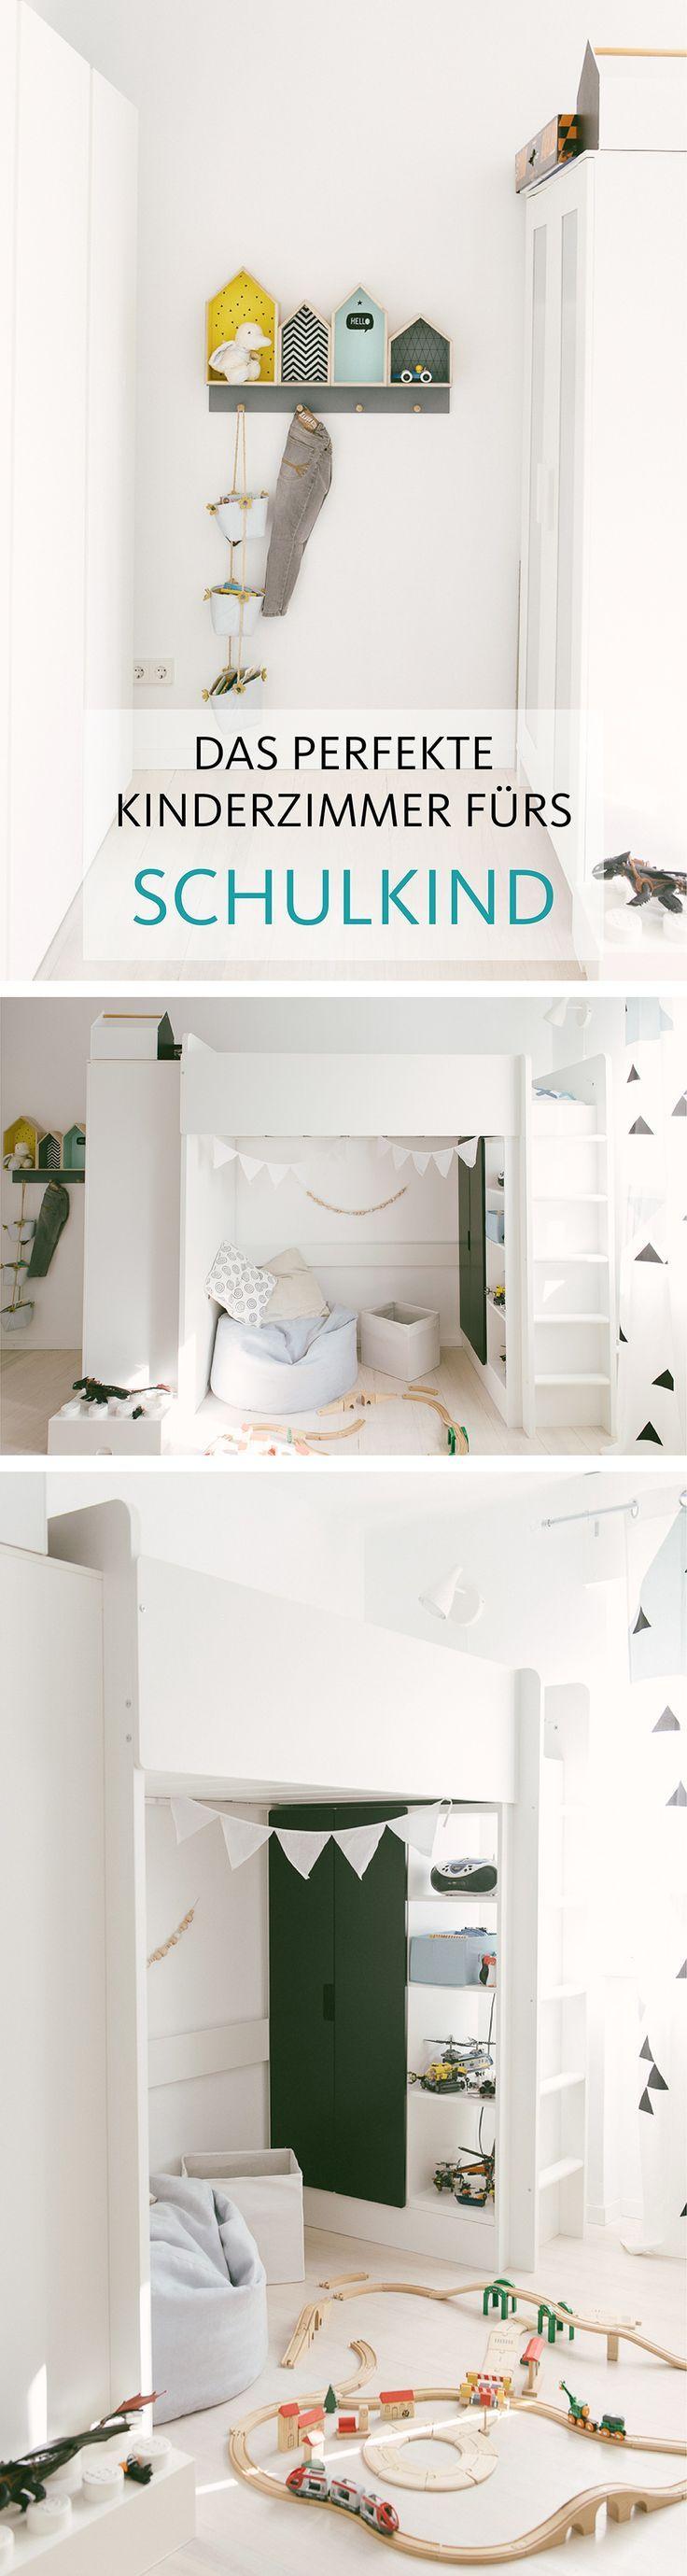 neuer lebensabschnitt: das kinderzimmer fürs schulkind einrichten, Wohnzimmer dekoo